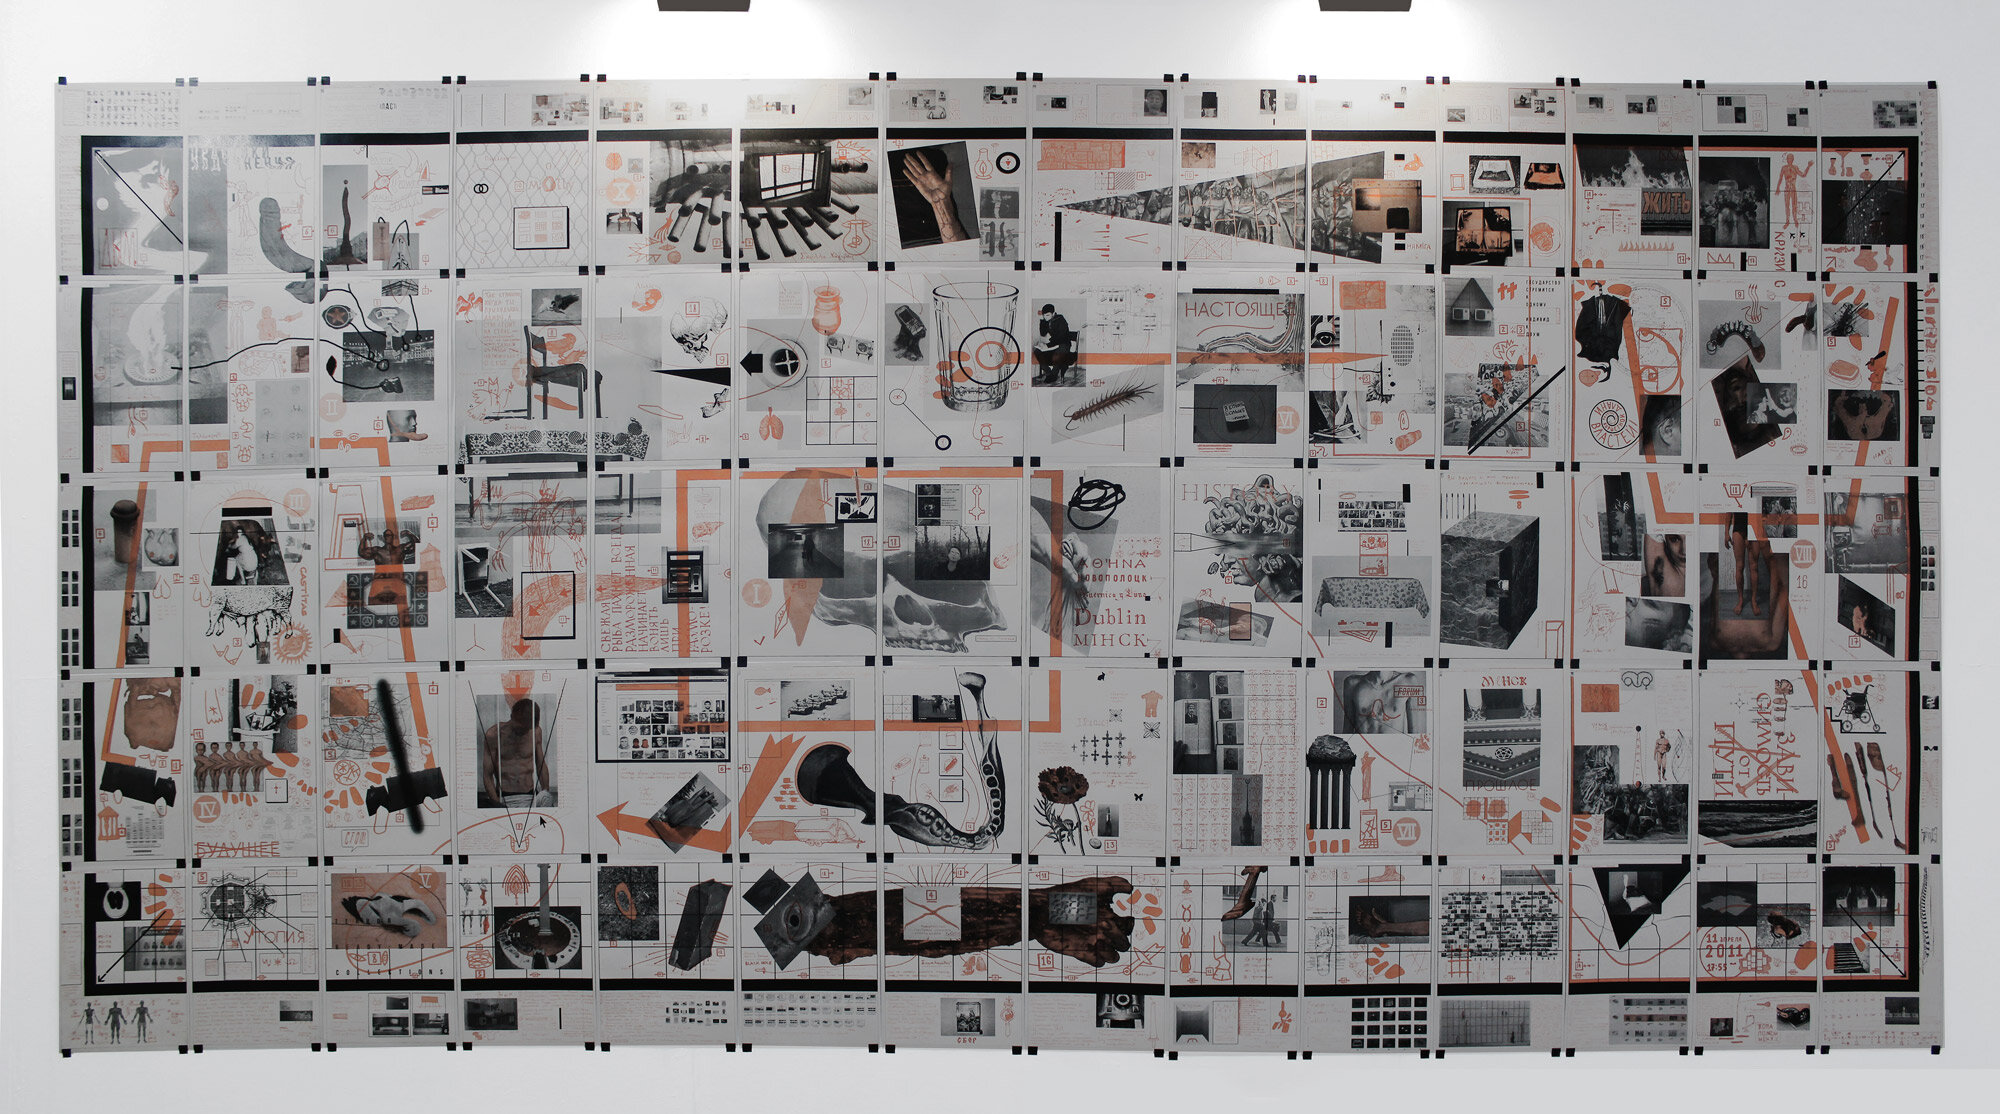 Сергей Шабохин: Искусство помогает анализировать прошлое и формировать будущее